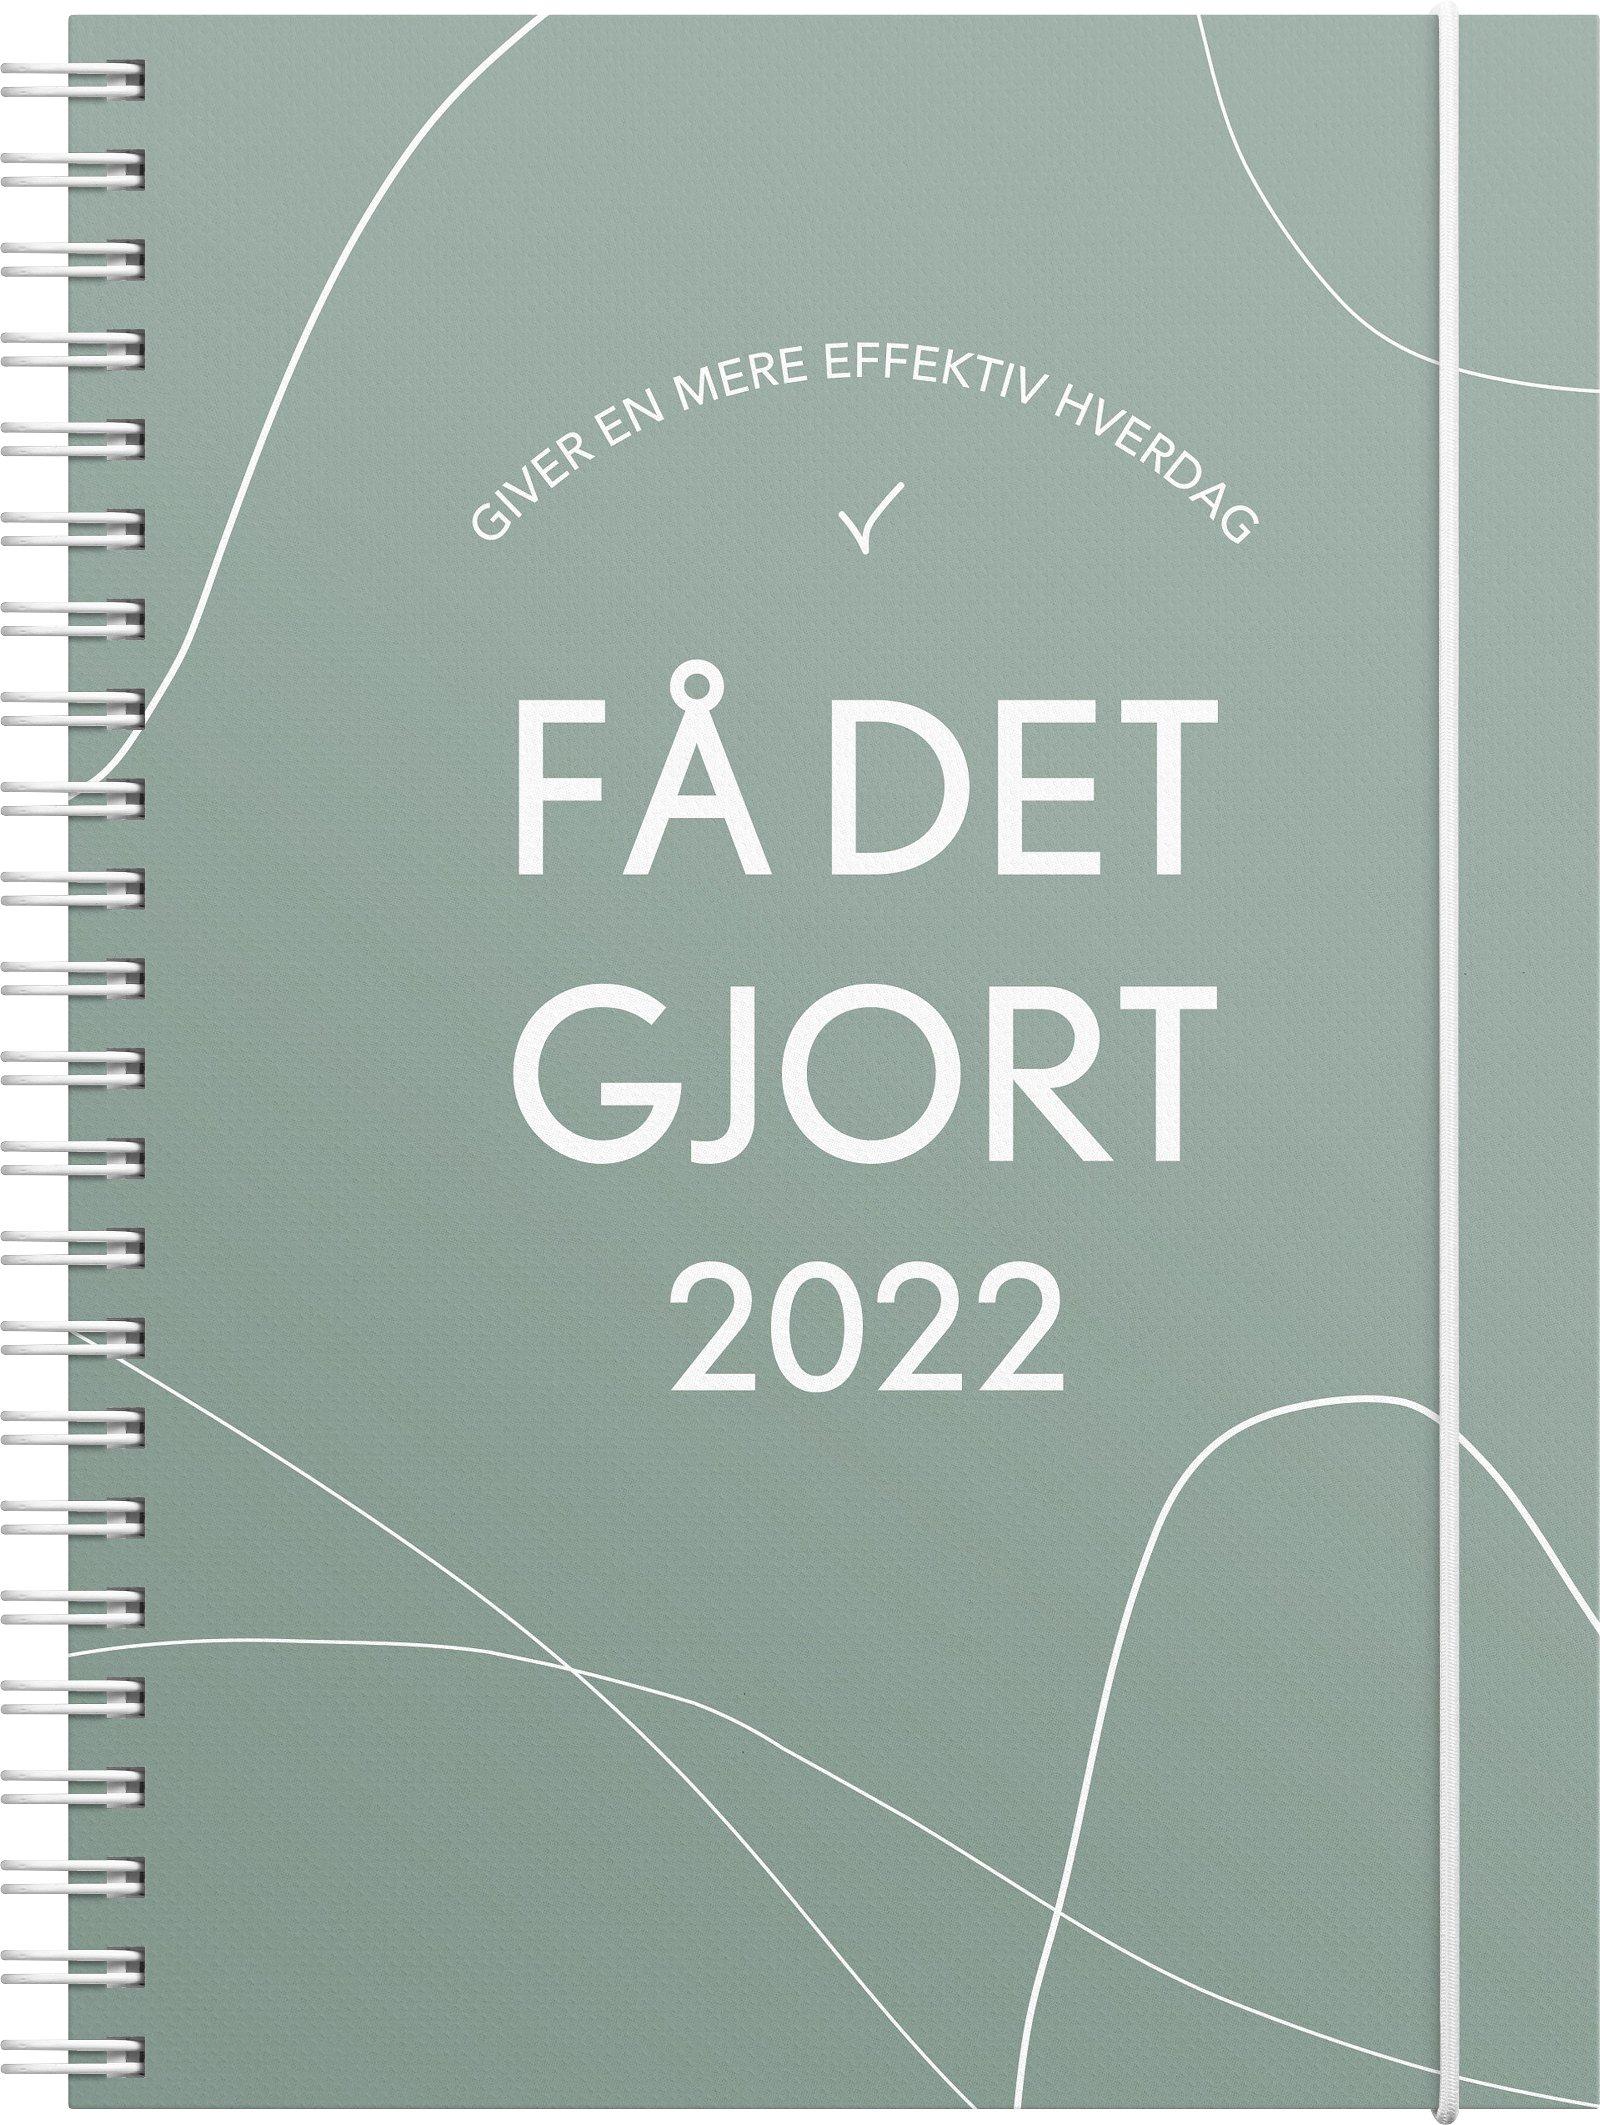 Mayland Få det gjort kalender  uge 2022